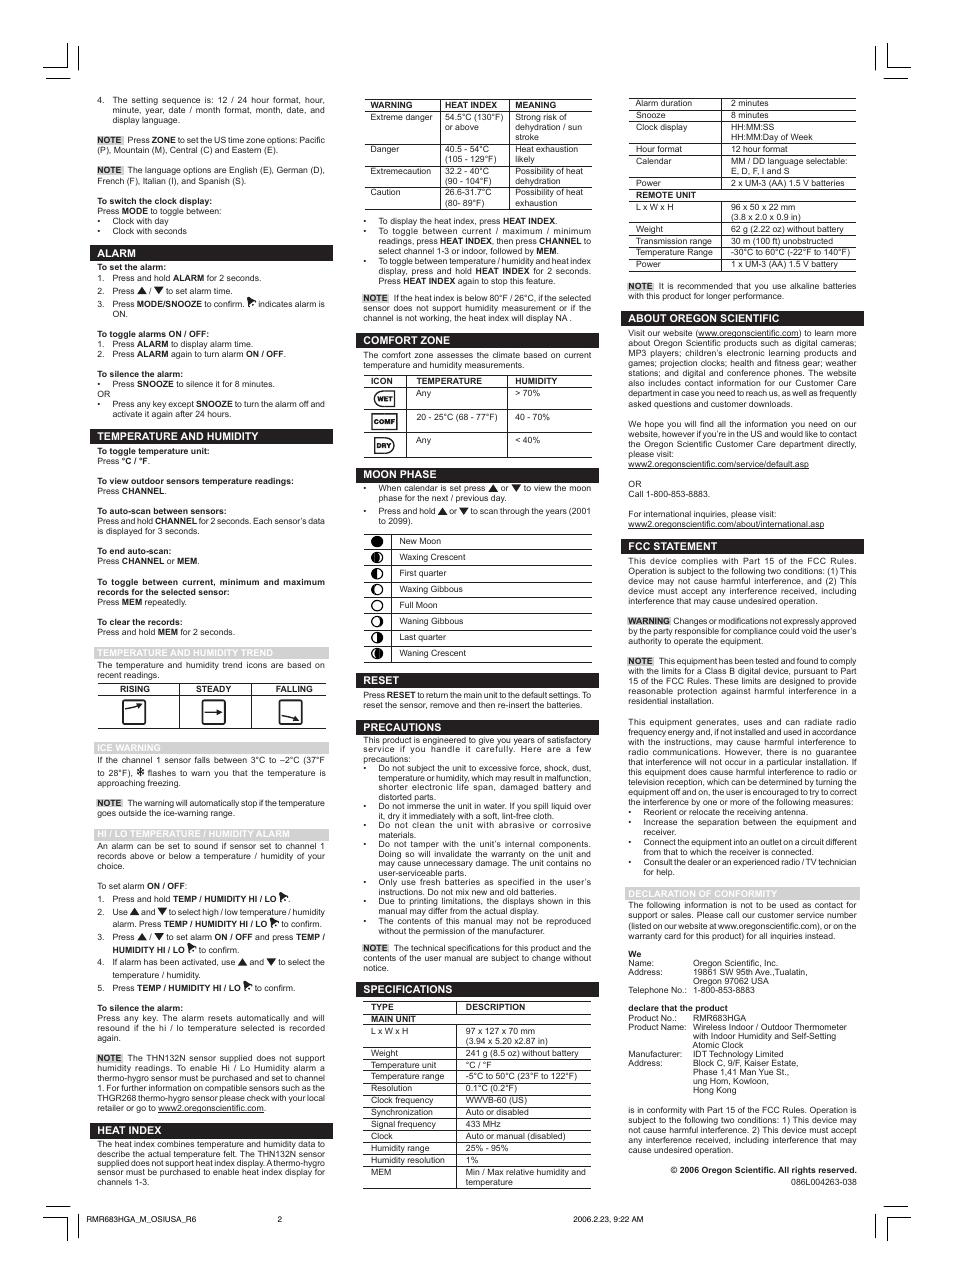 oregon scientific rmr683hga user manual page 2 2 rh manualsdir com